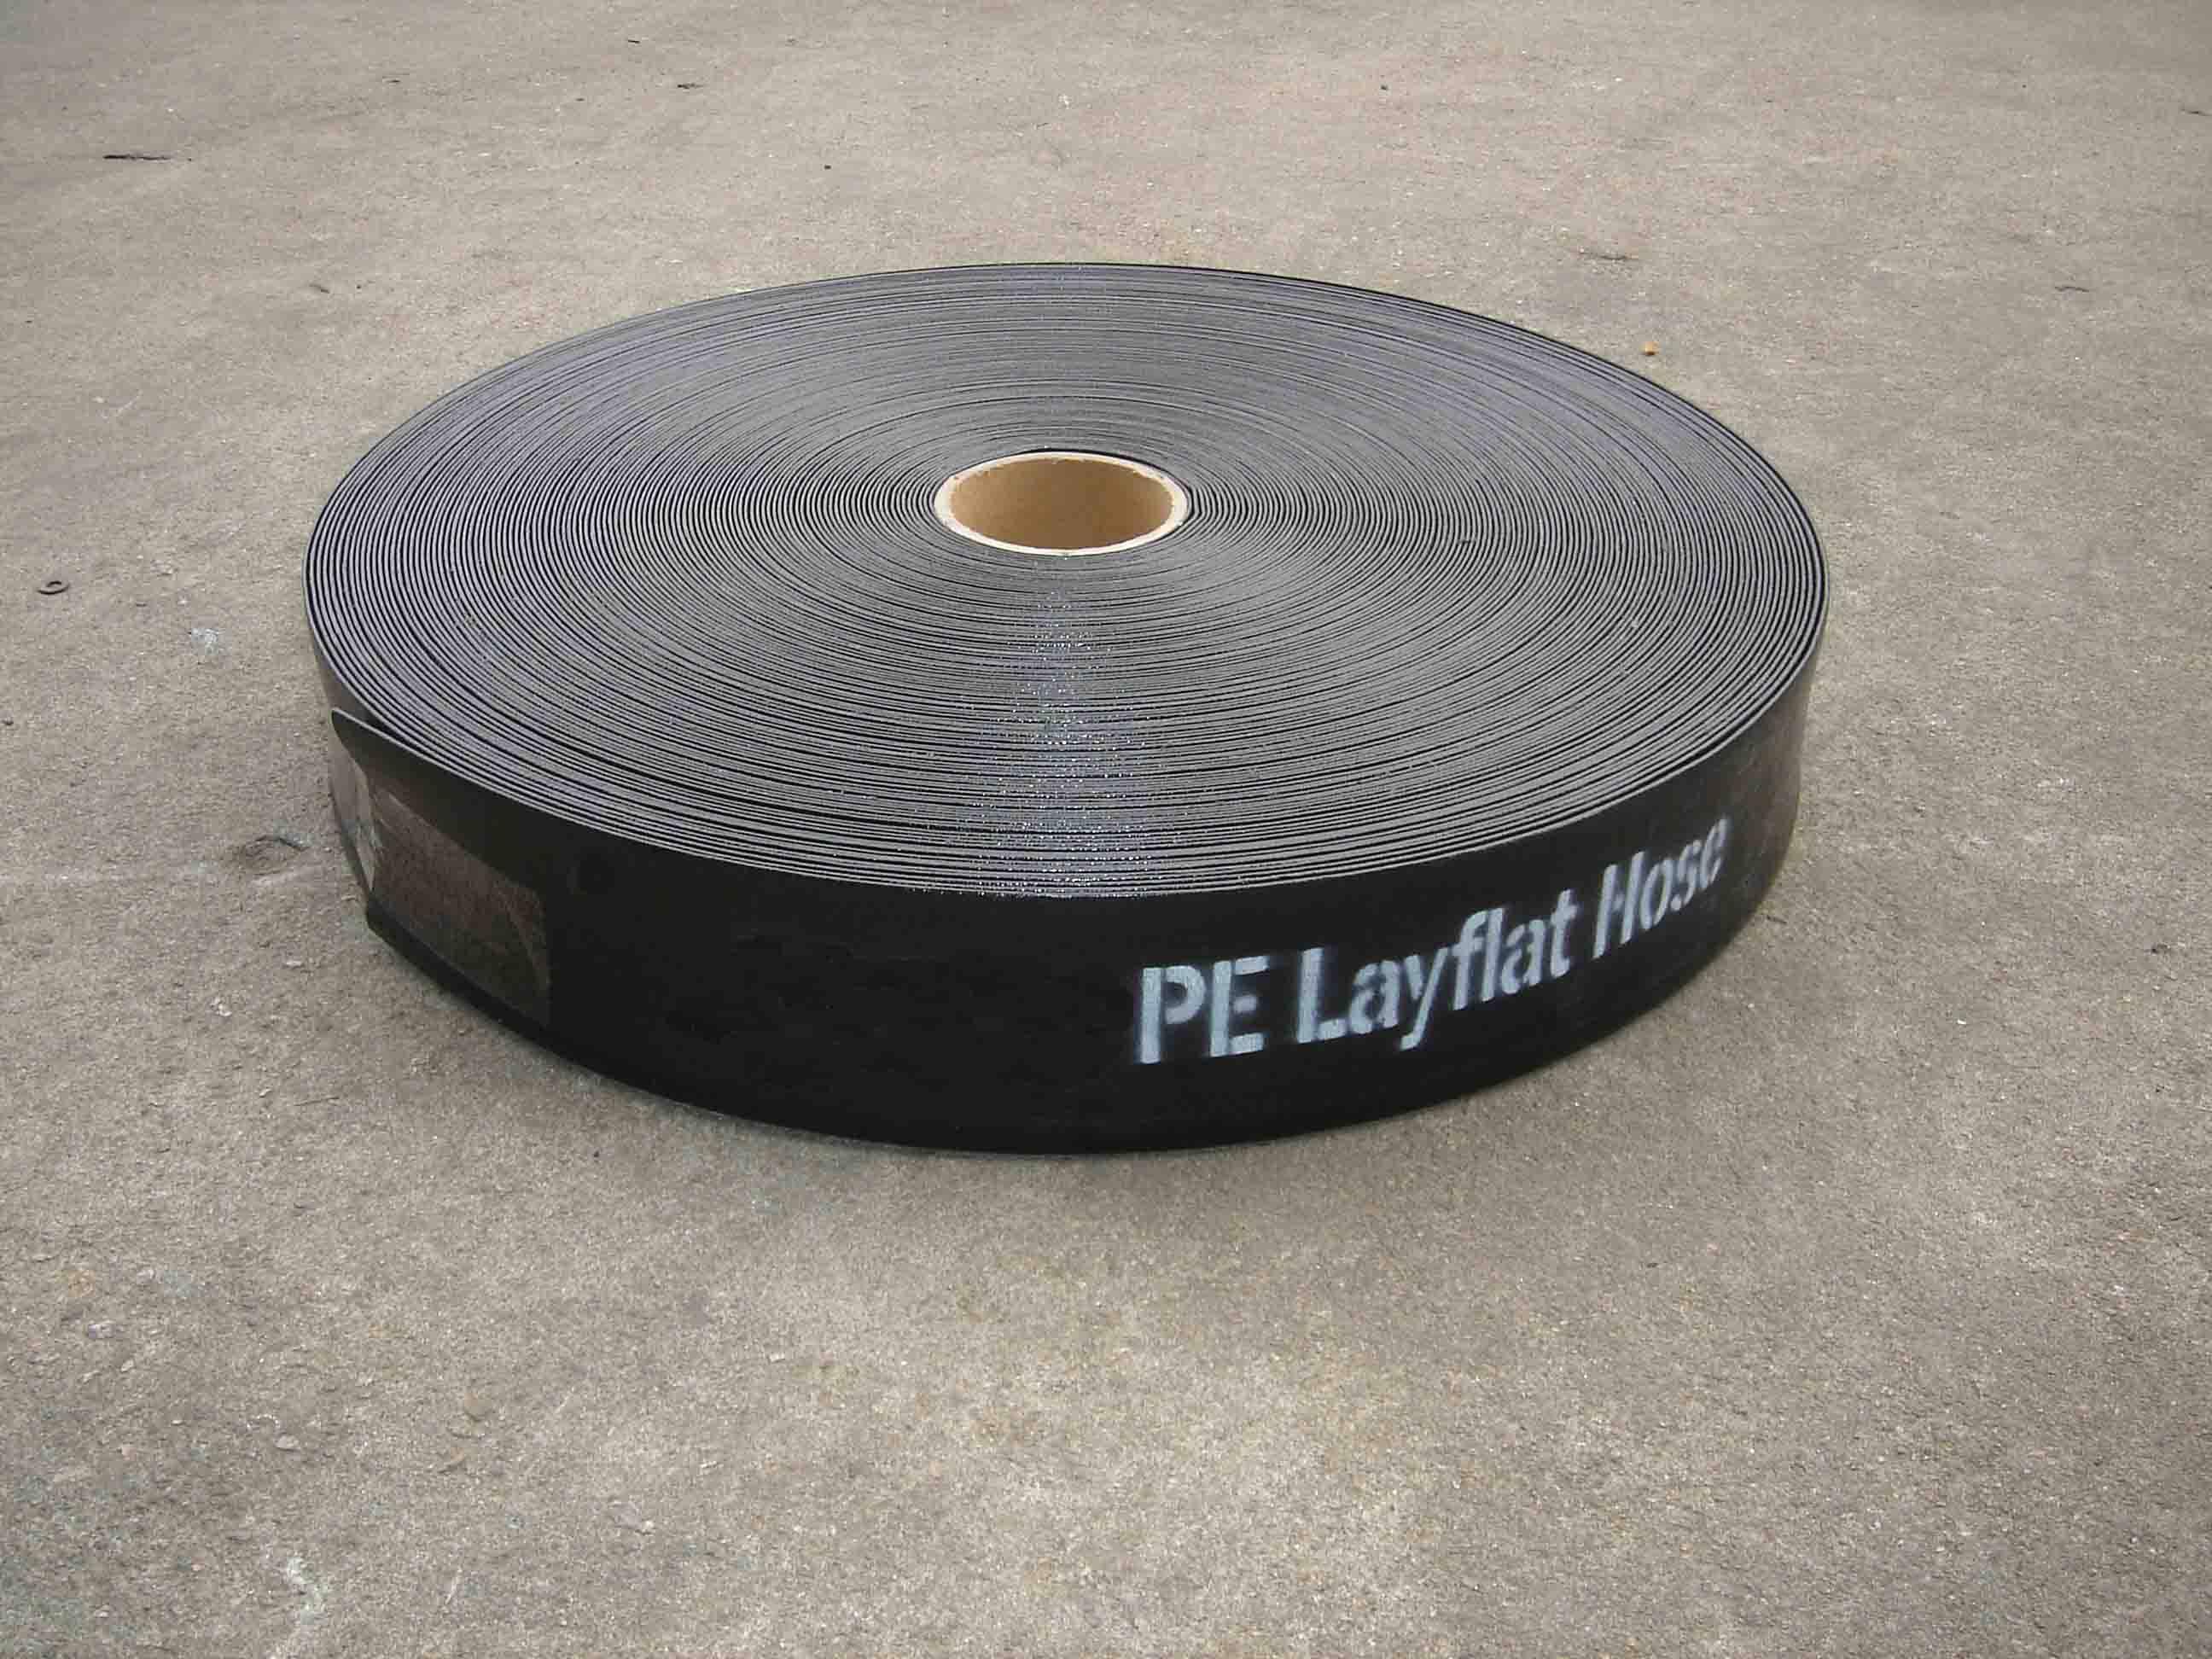 PE lay flat hose